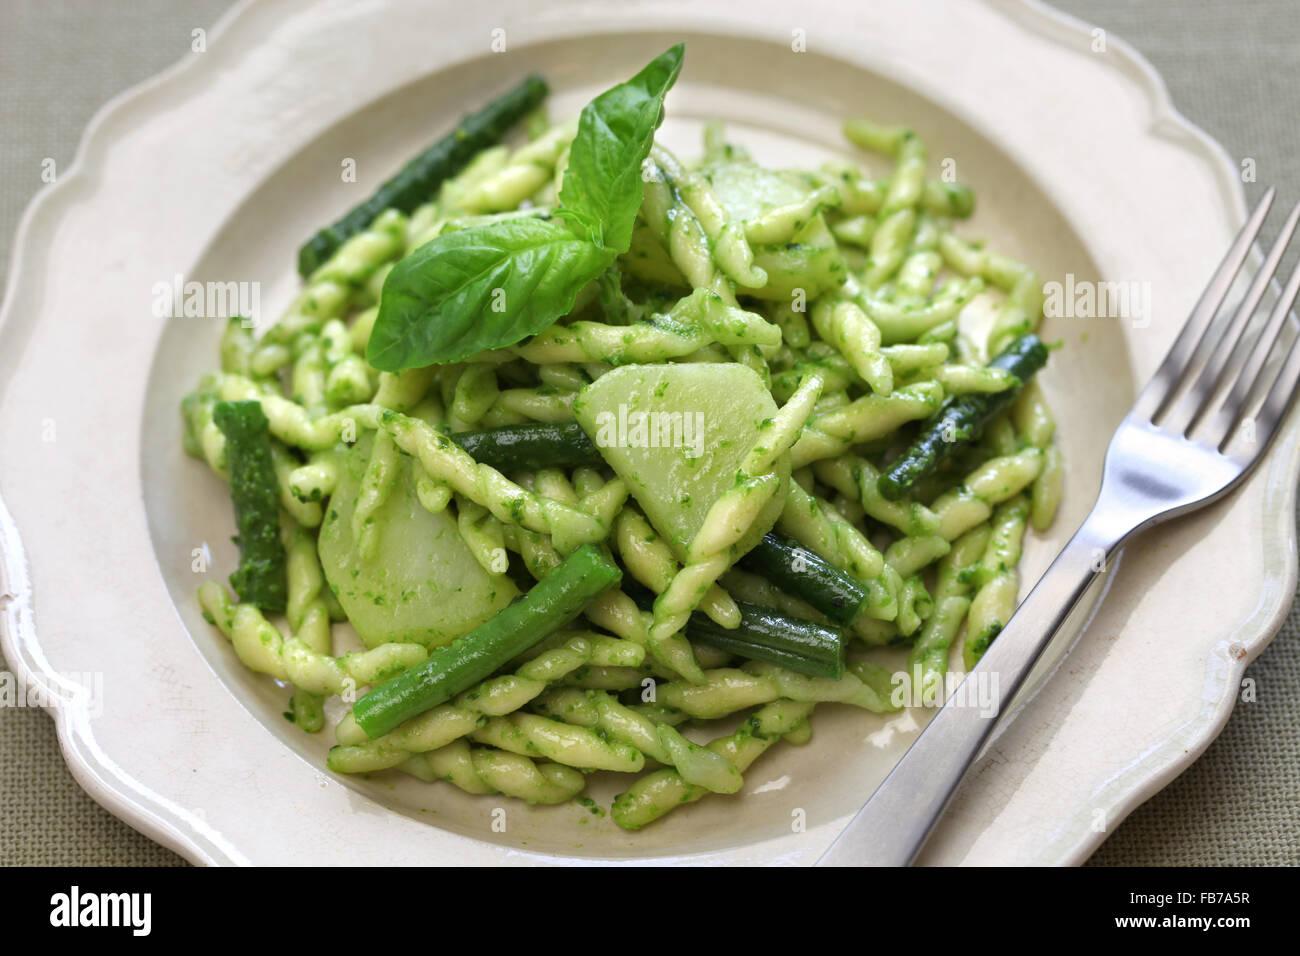 Trofie Nudeln mit Pesto, grüne Bohnen und Kartoffeln, italienische Küche Stockbild